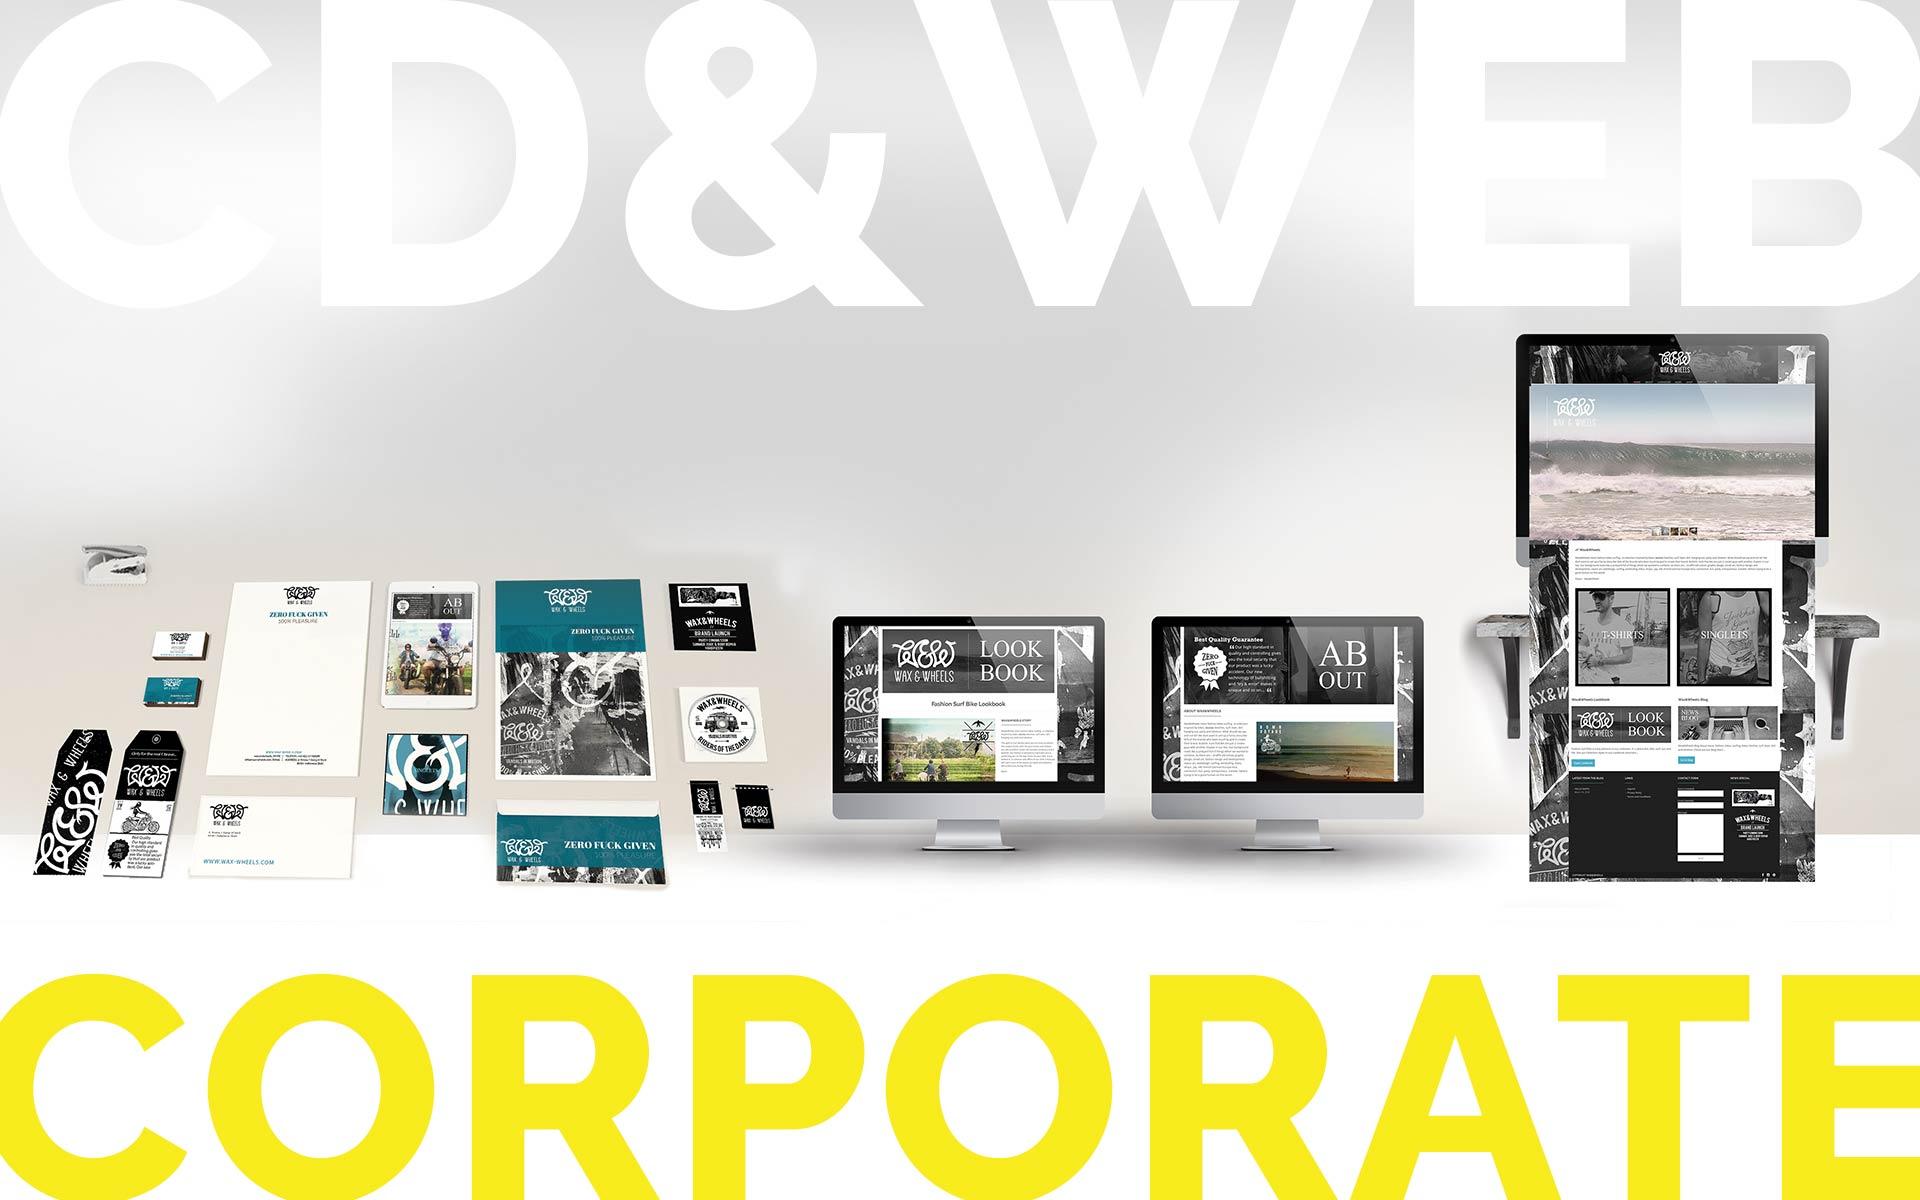 corporate idtentity logo grafik design web branding seo ci geschaeftsausstattung briefpapier muenchen 5